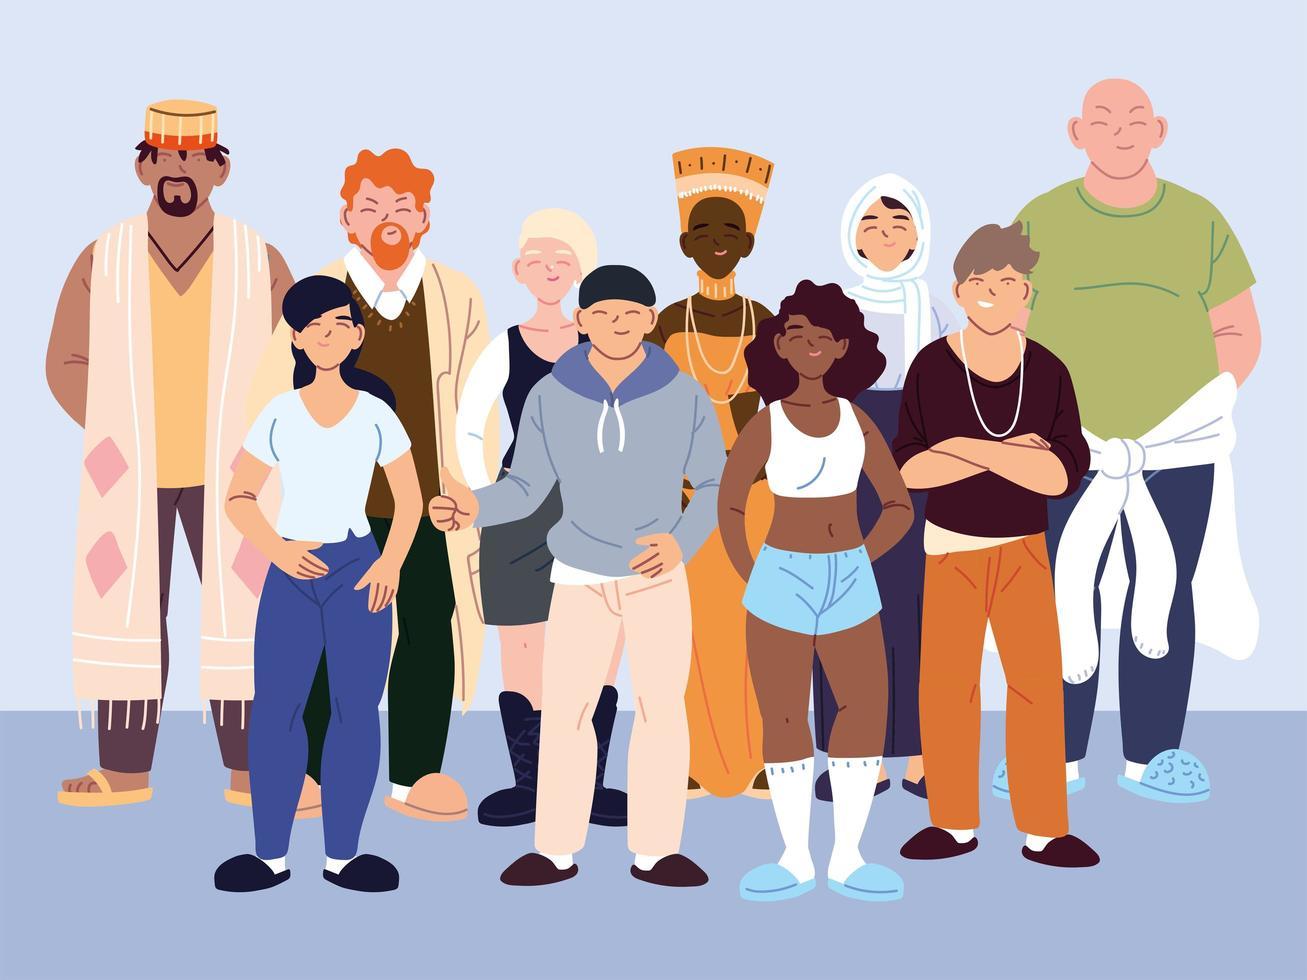 grupo de pessoas multiculturais em roupas casuais em pé vetor